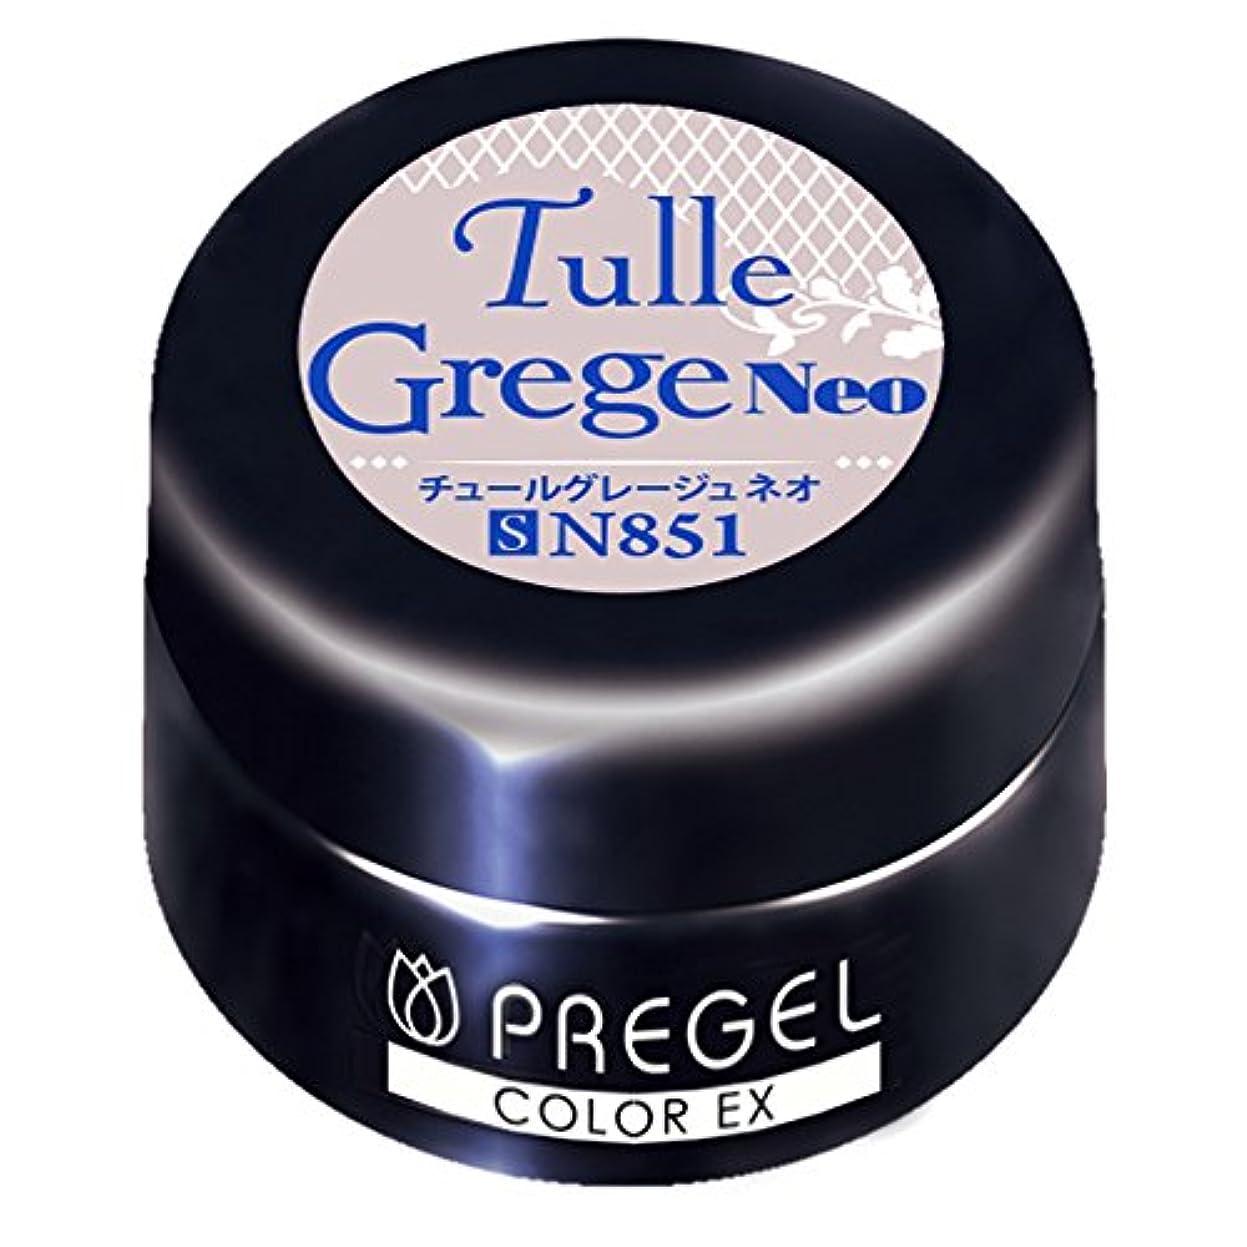 汗おもてなしトラックPRE GEL カラーEX チュールグレージュ neo 851 3g UV/LED対応